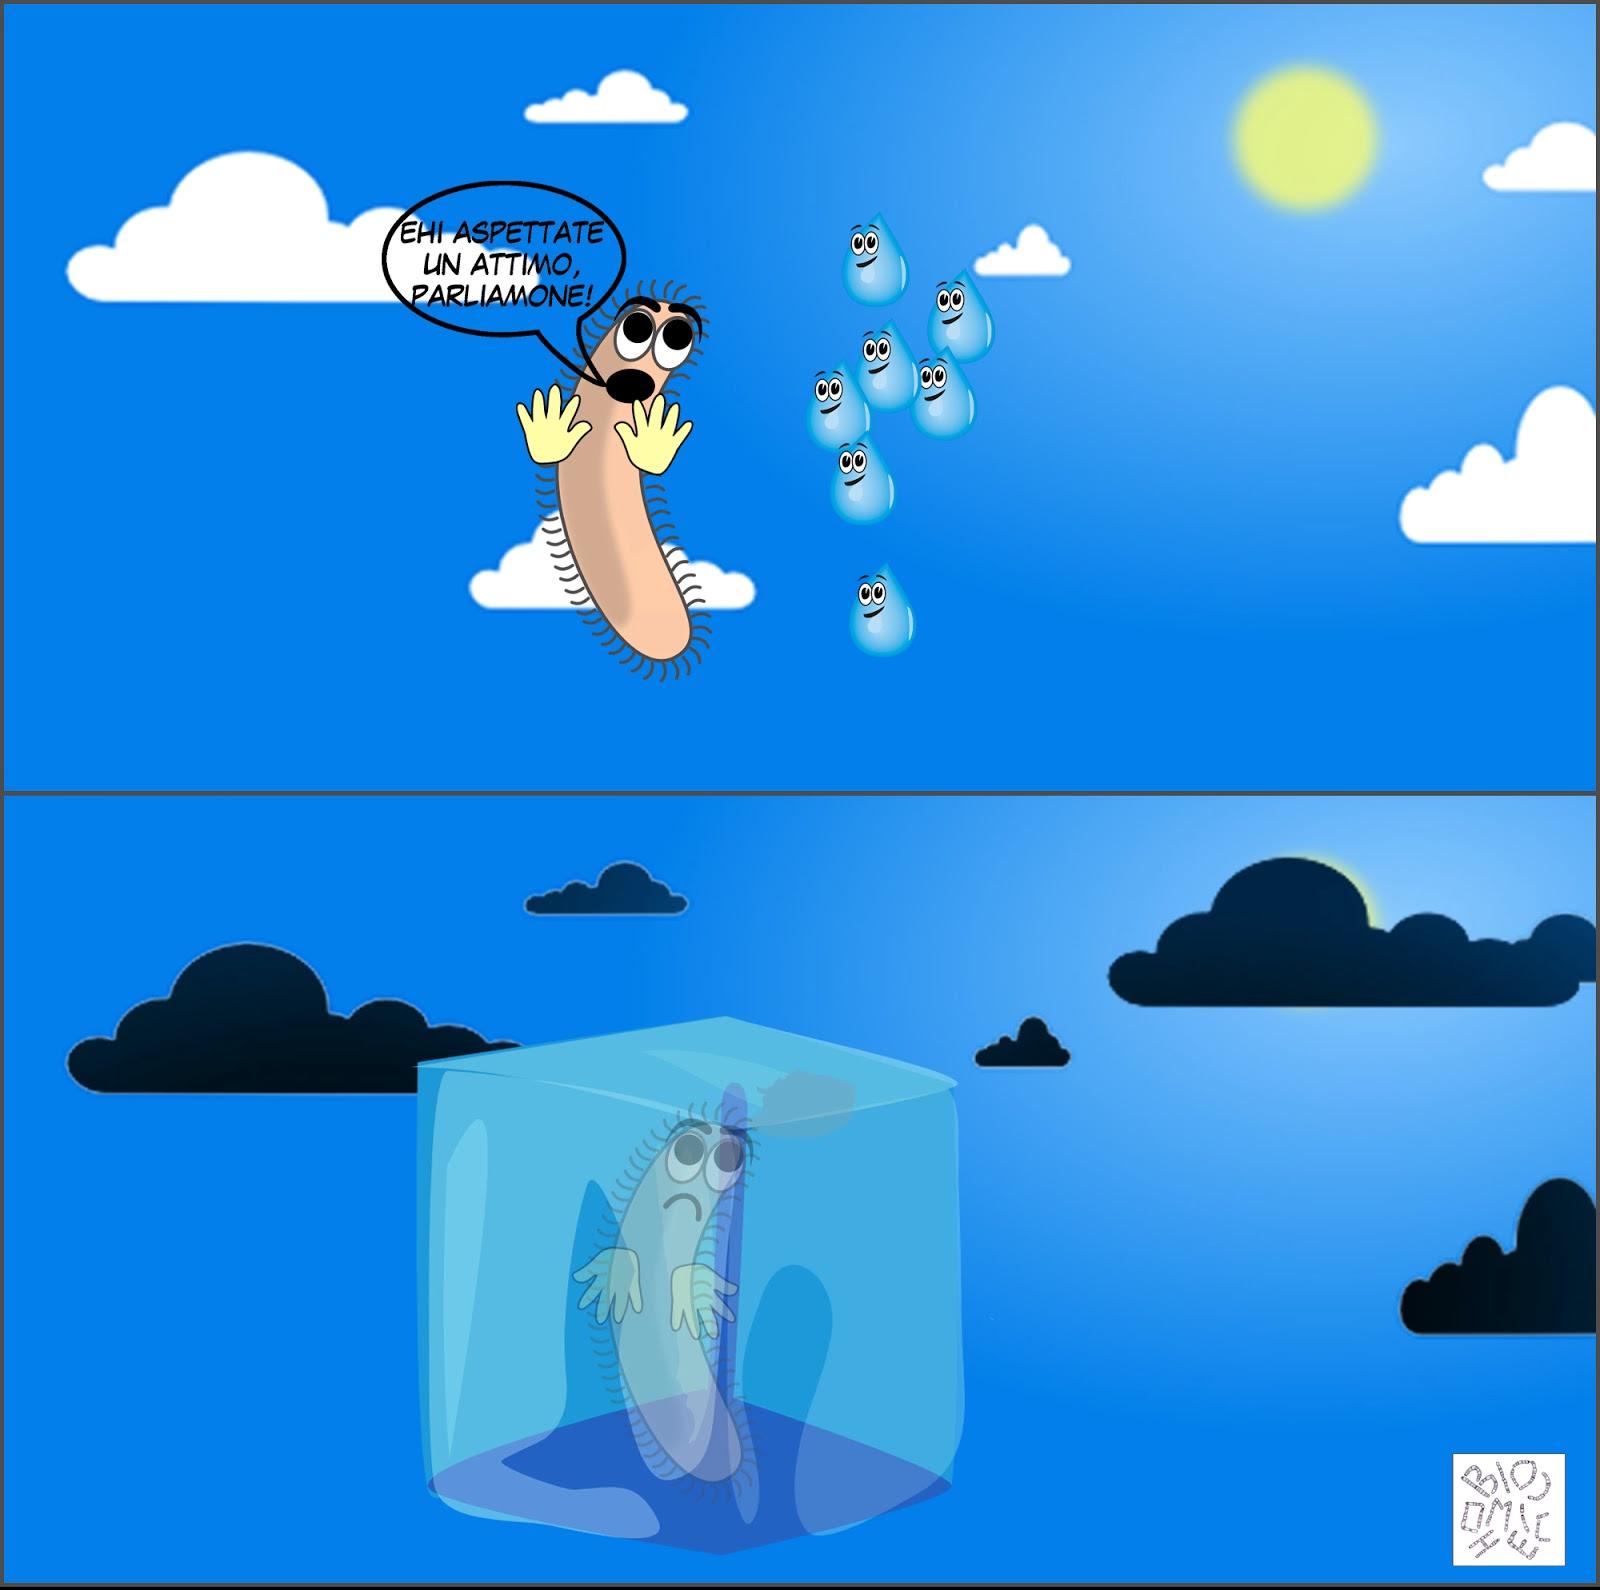 batteri che inseminano le nuvole e causano la pioggia vignetta